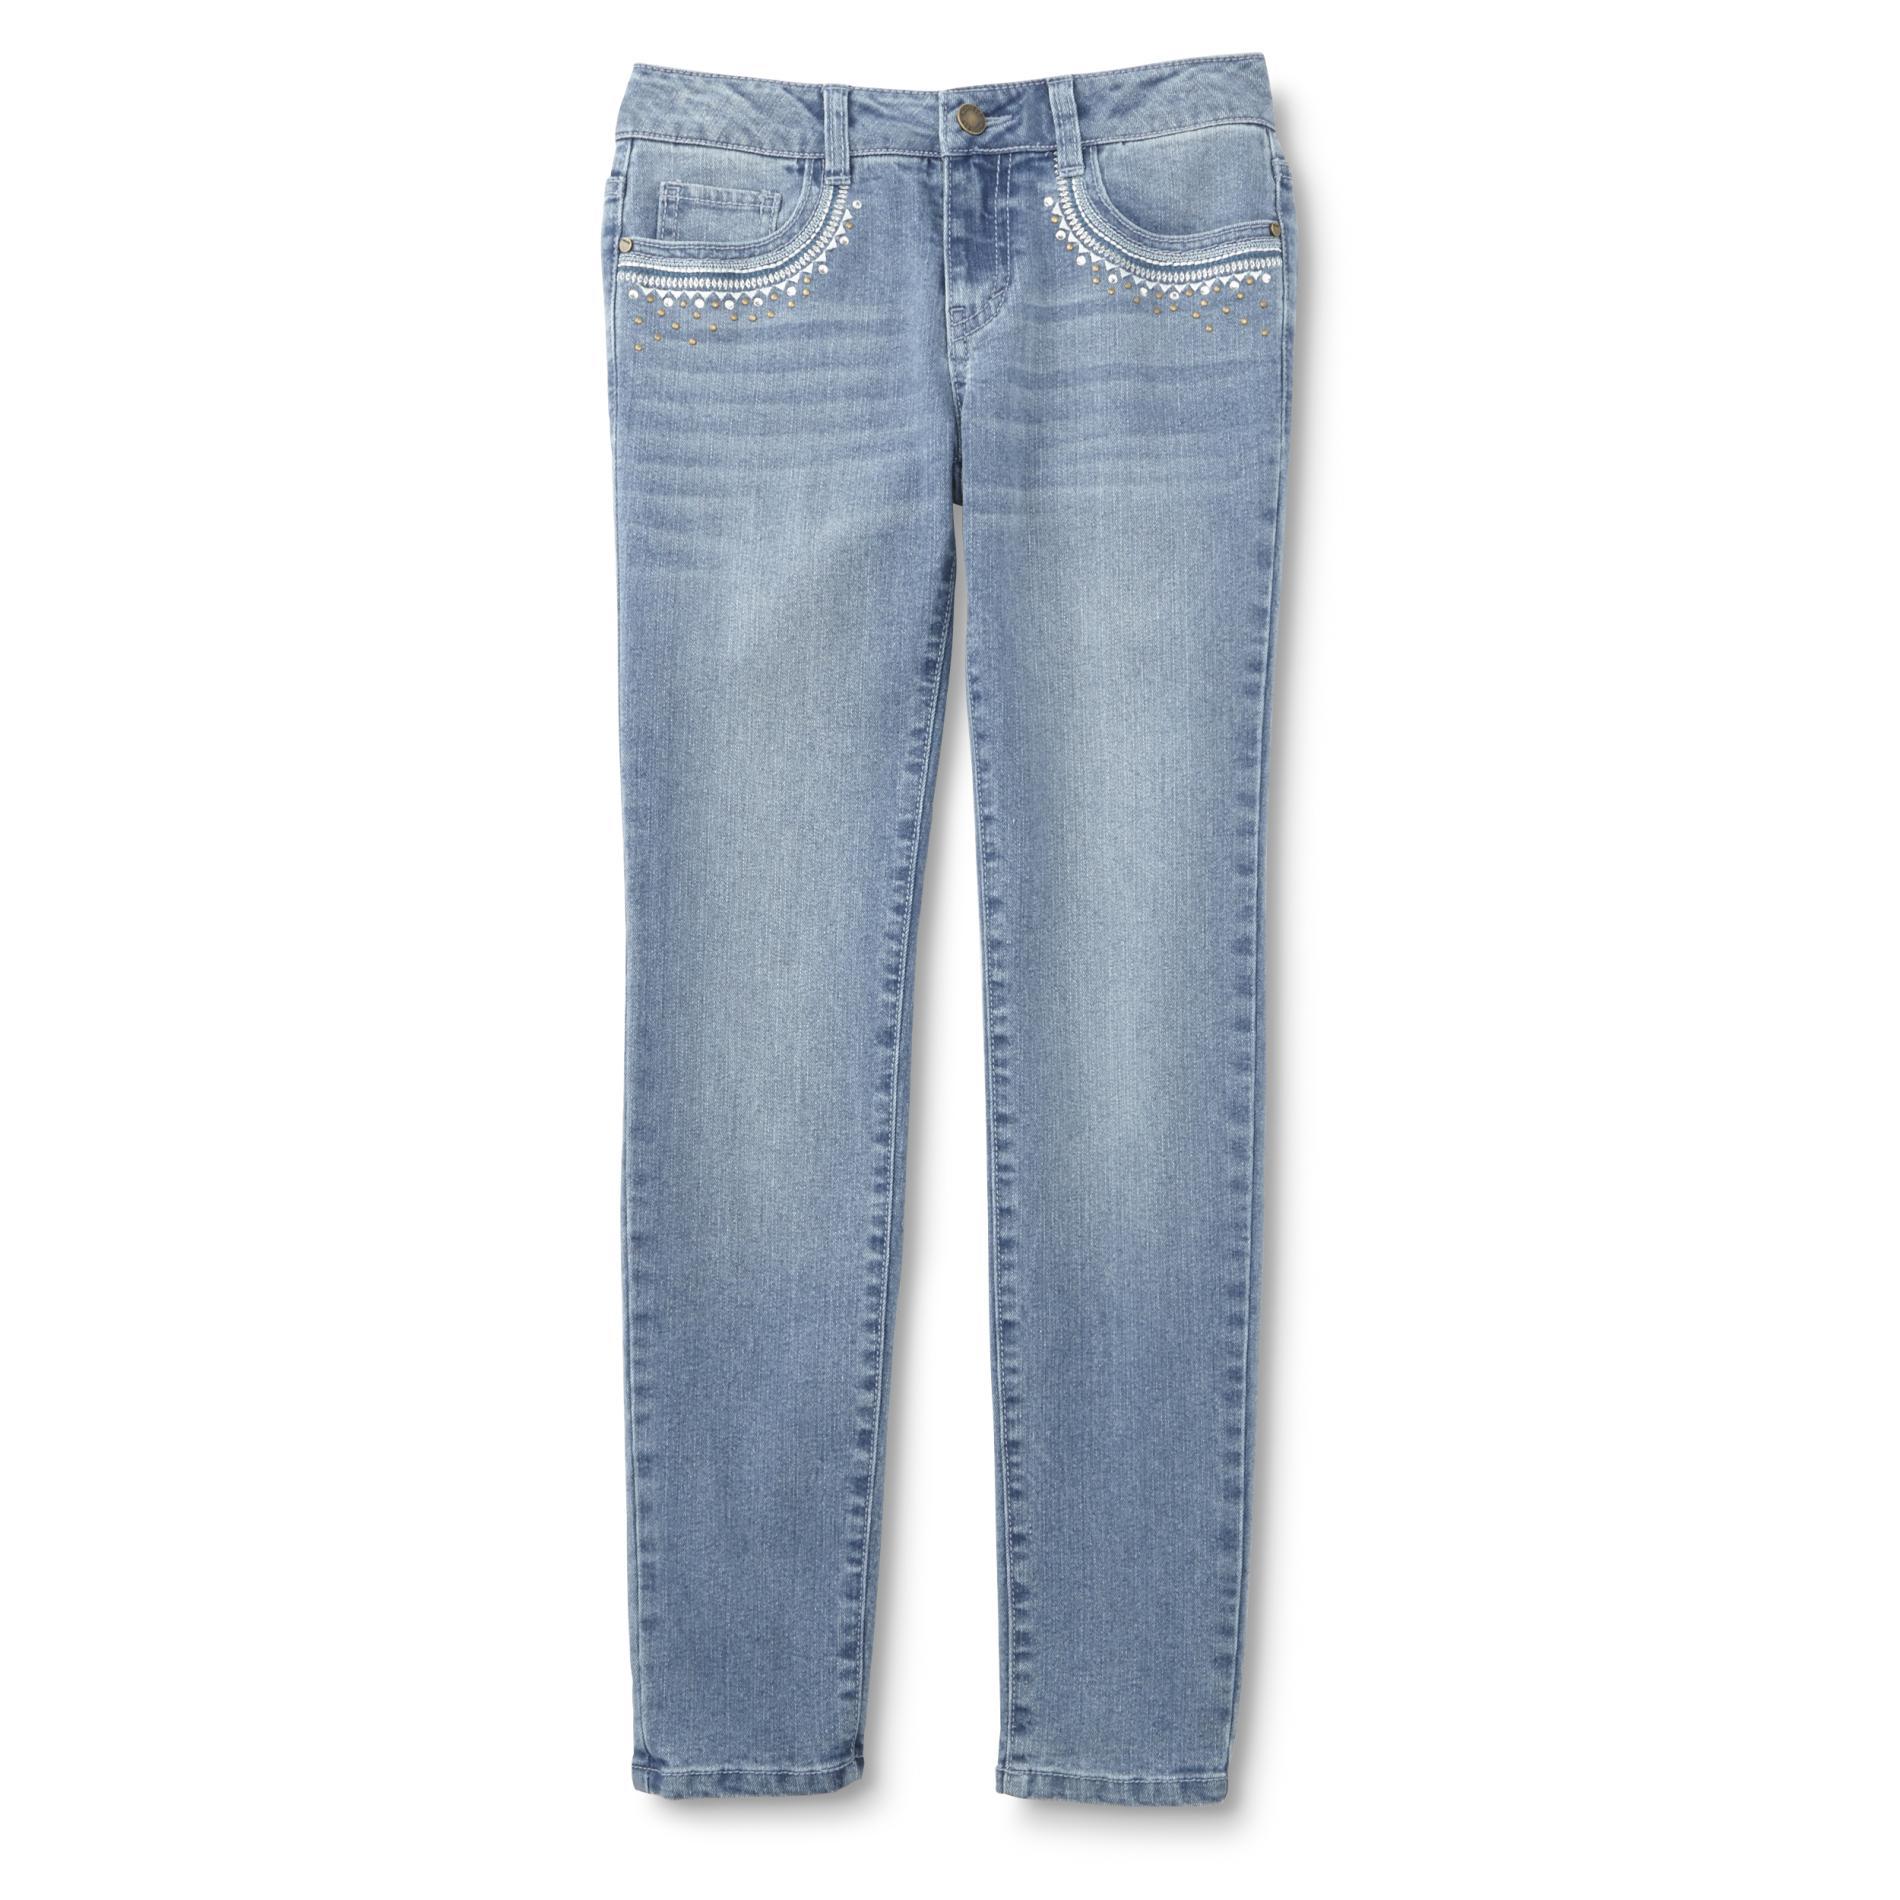 Girl's Embellished Skinny Jeans